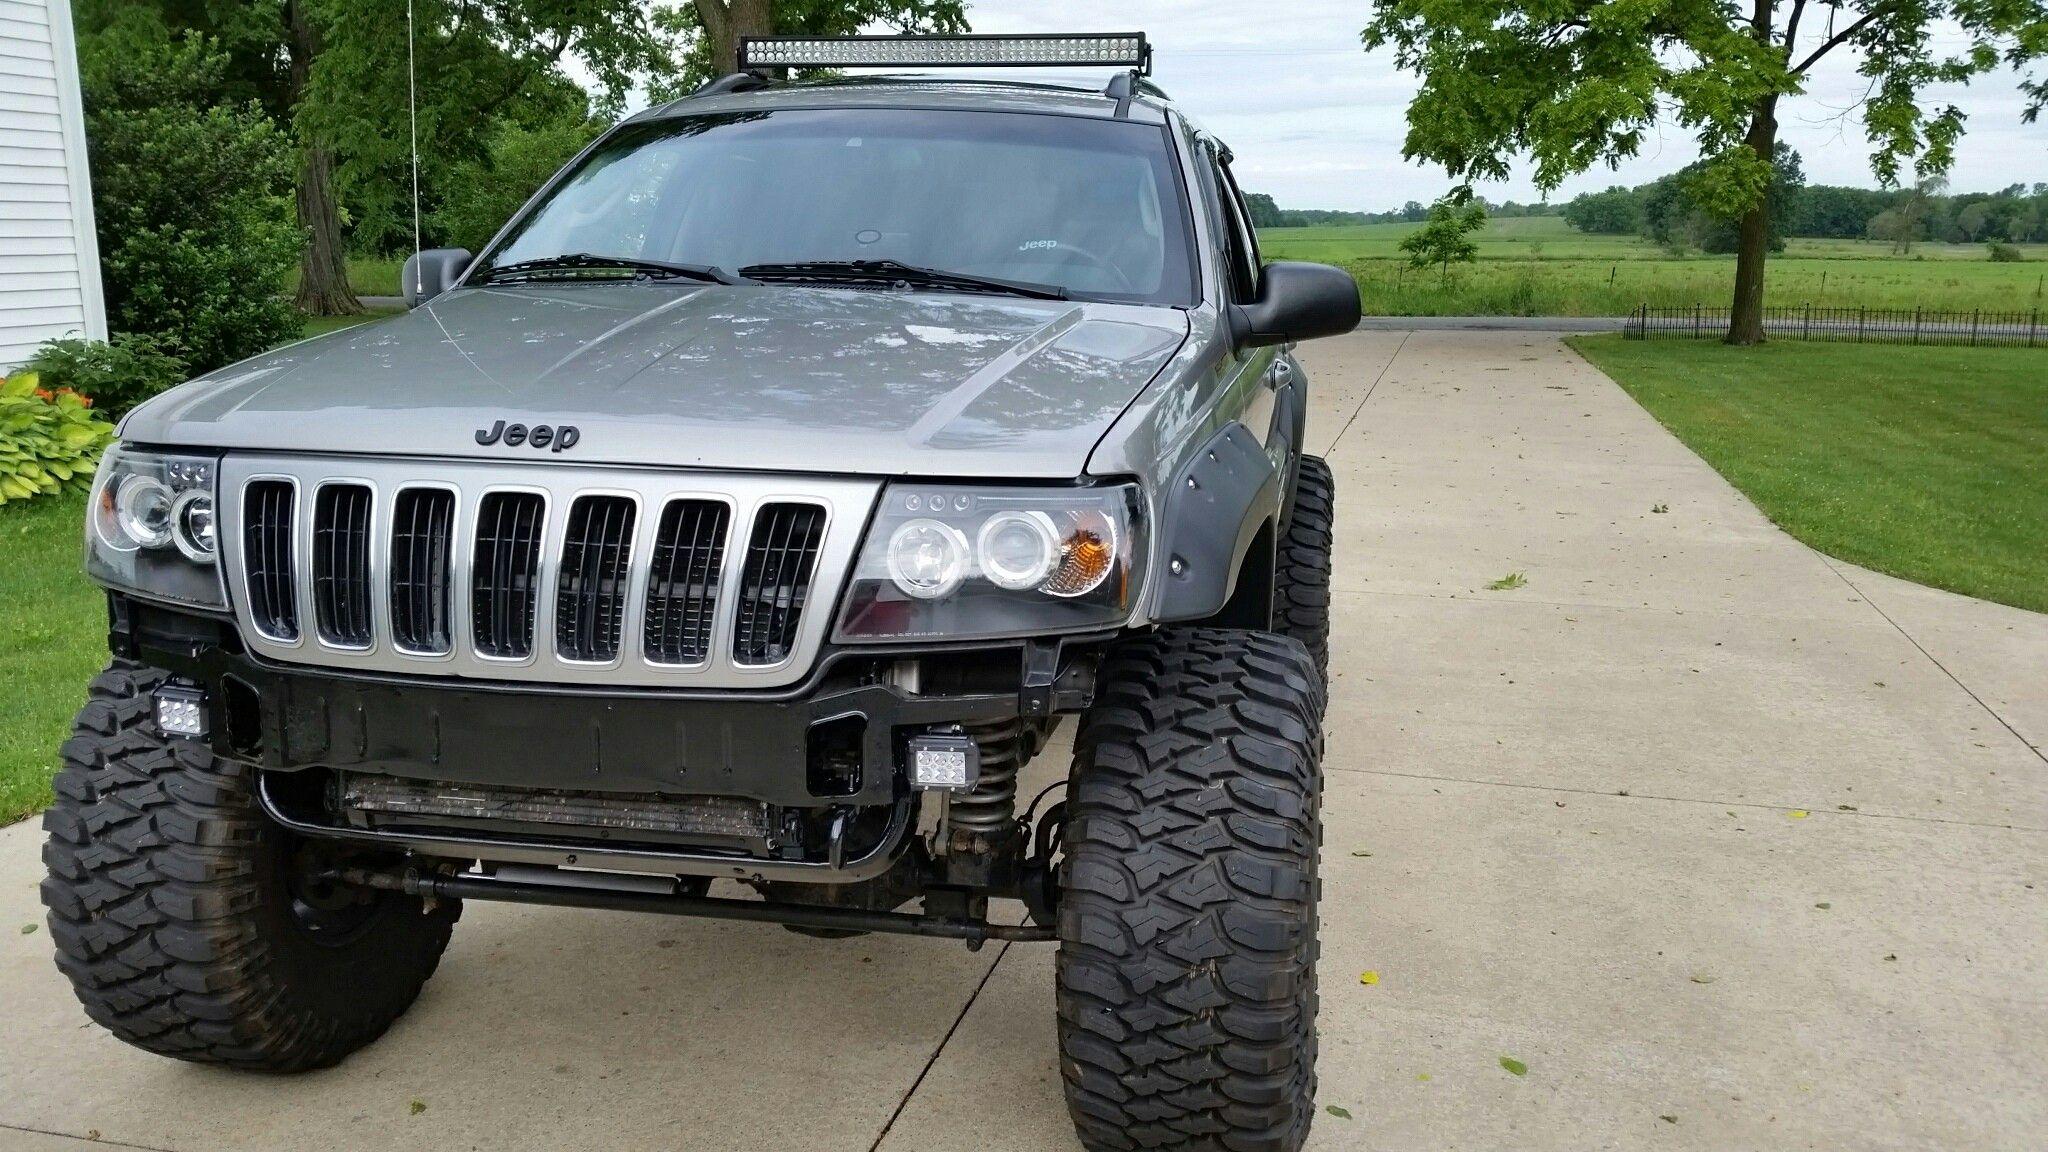 Jeff Kiss Jeep Wj Lifted Jeep Wj Jeep Jeep Tj